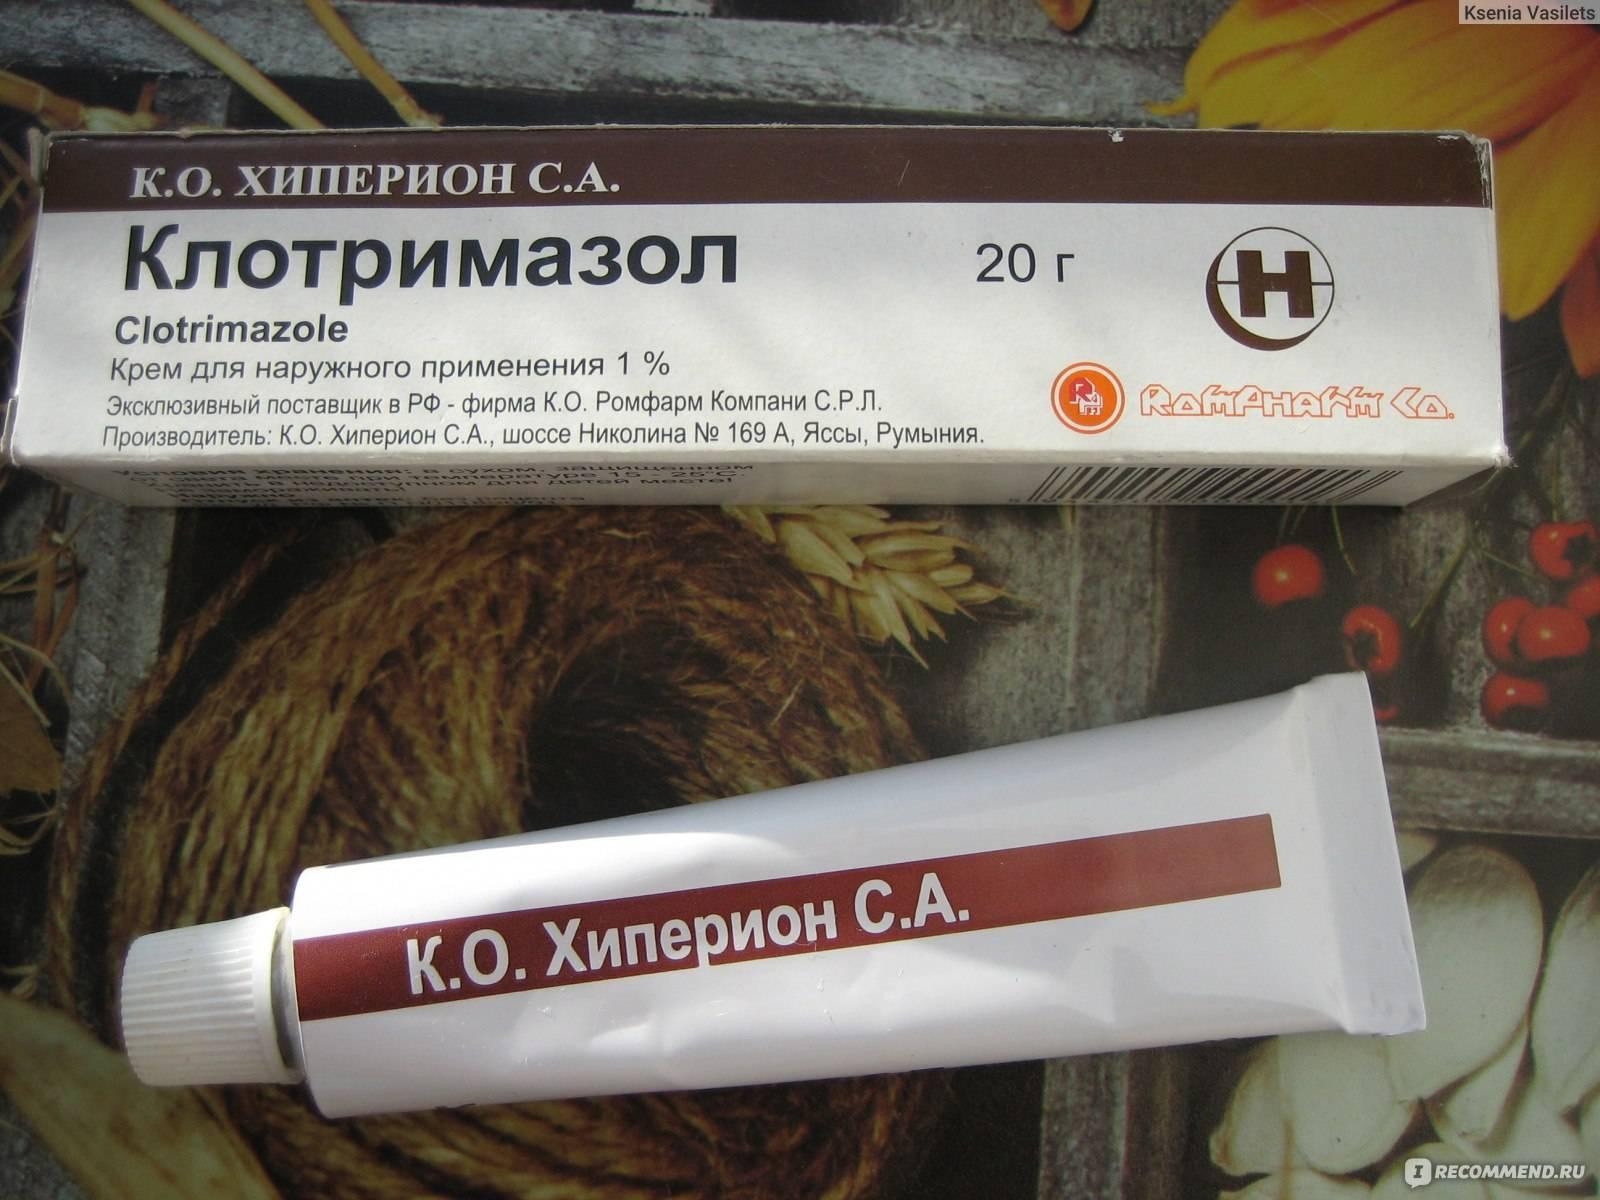 Клотримазол крем